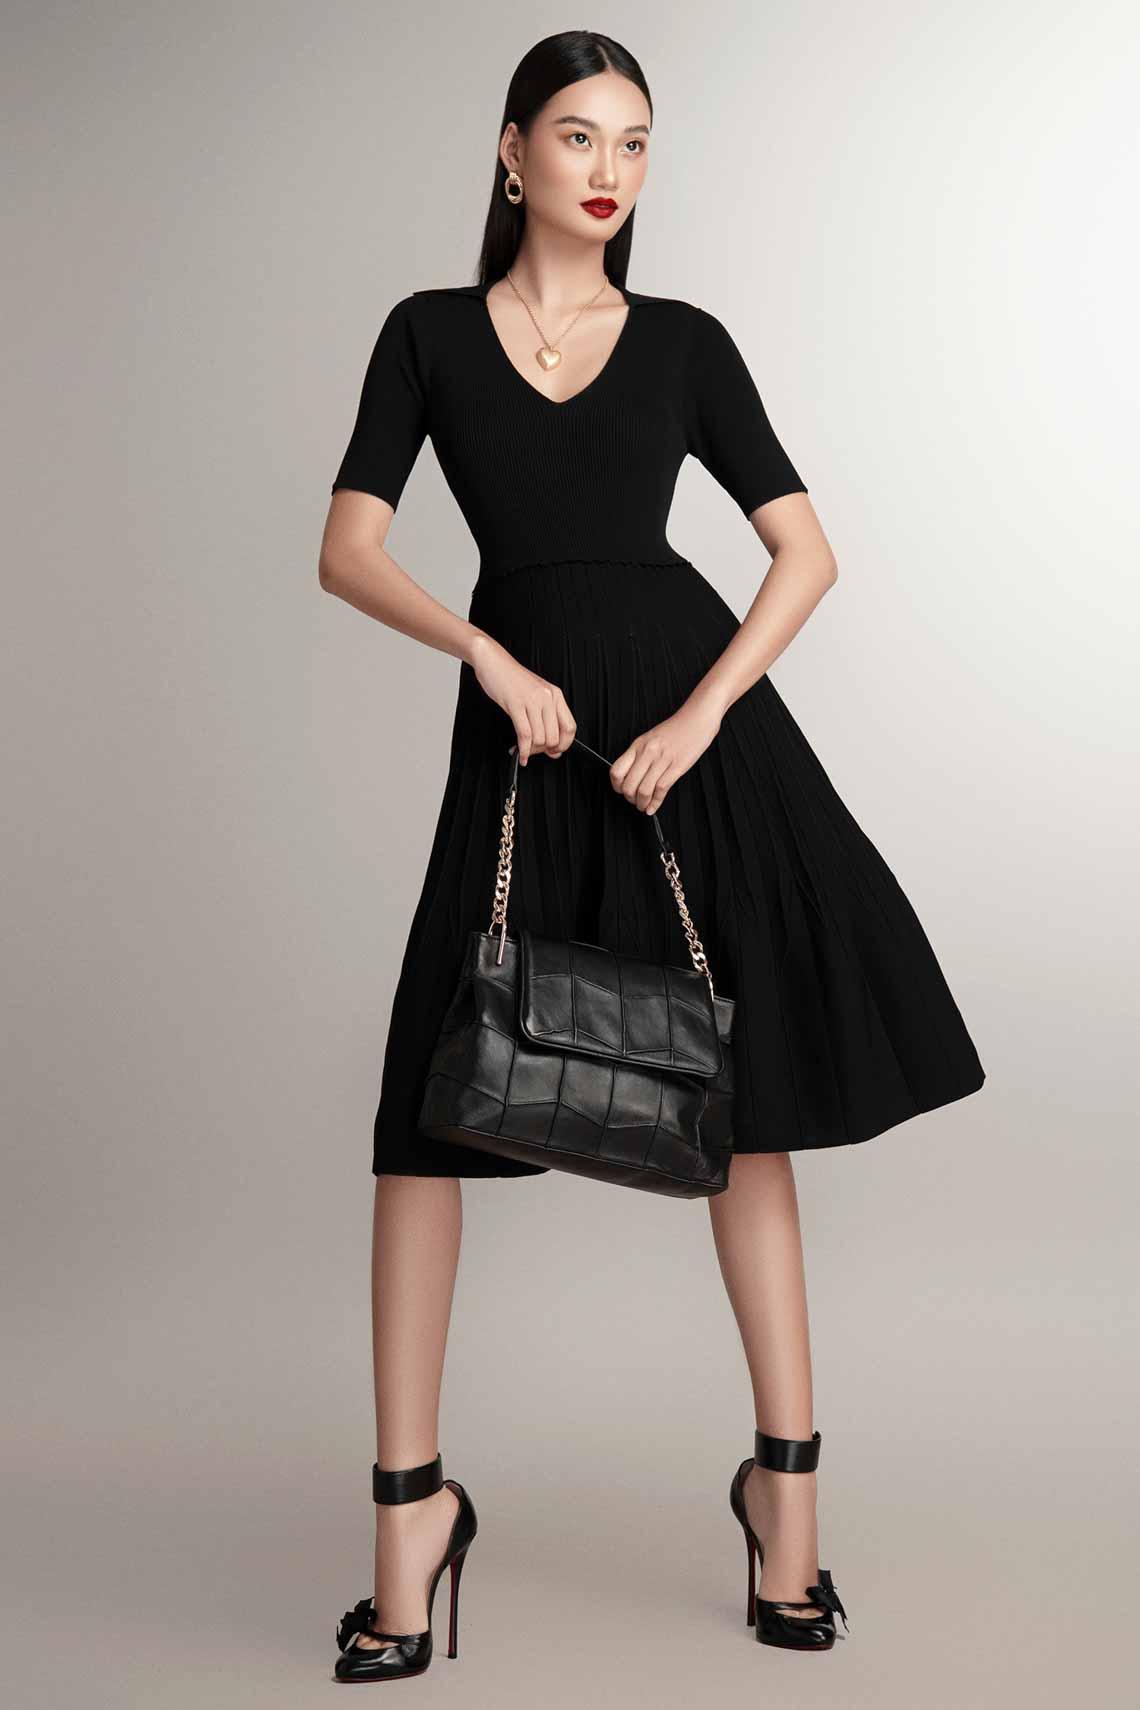 NTK Đỗ Mạnh Cường tư vấn 6 công thức mặc đẹp mùa cuối năm với trang phục dệt kim -12